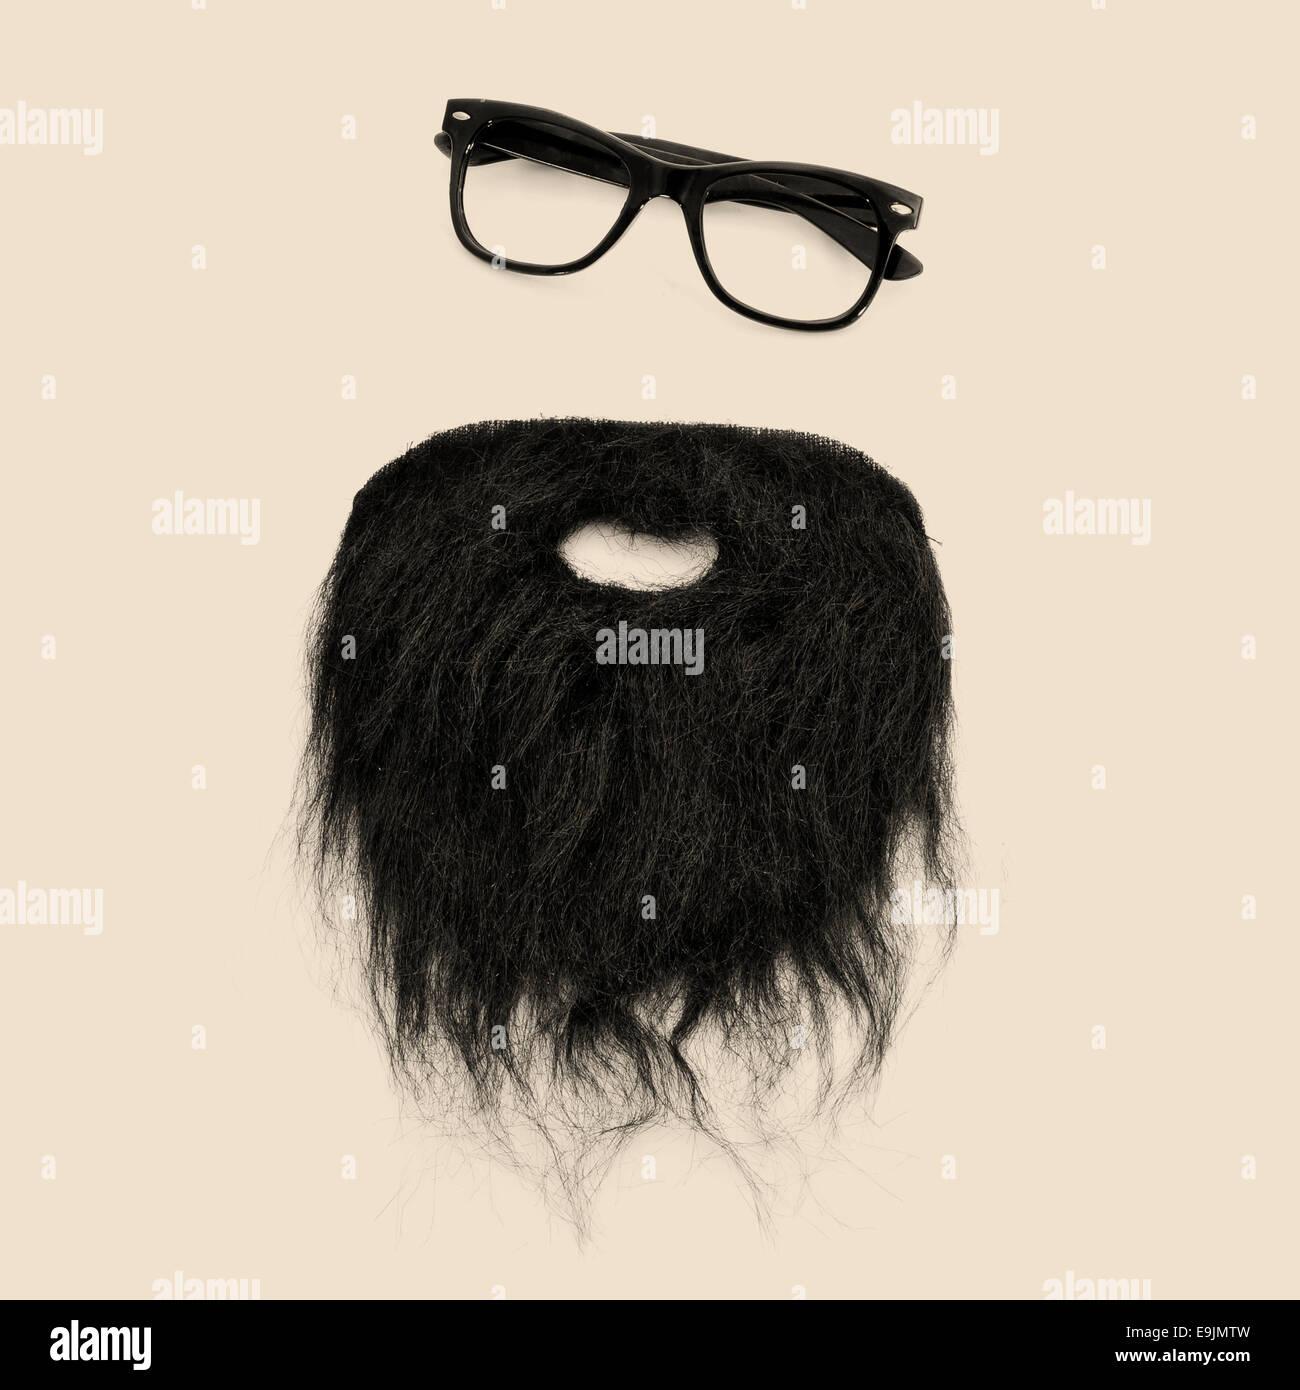 Un paio di occhiali retrò e una barba formando un uomo faccia su uno sfondo beige Immagini Stock